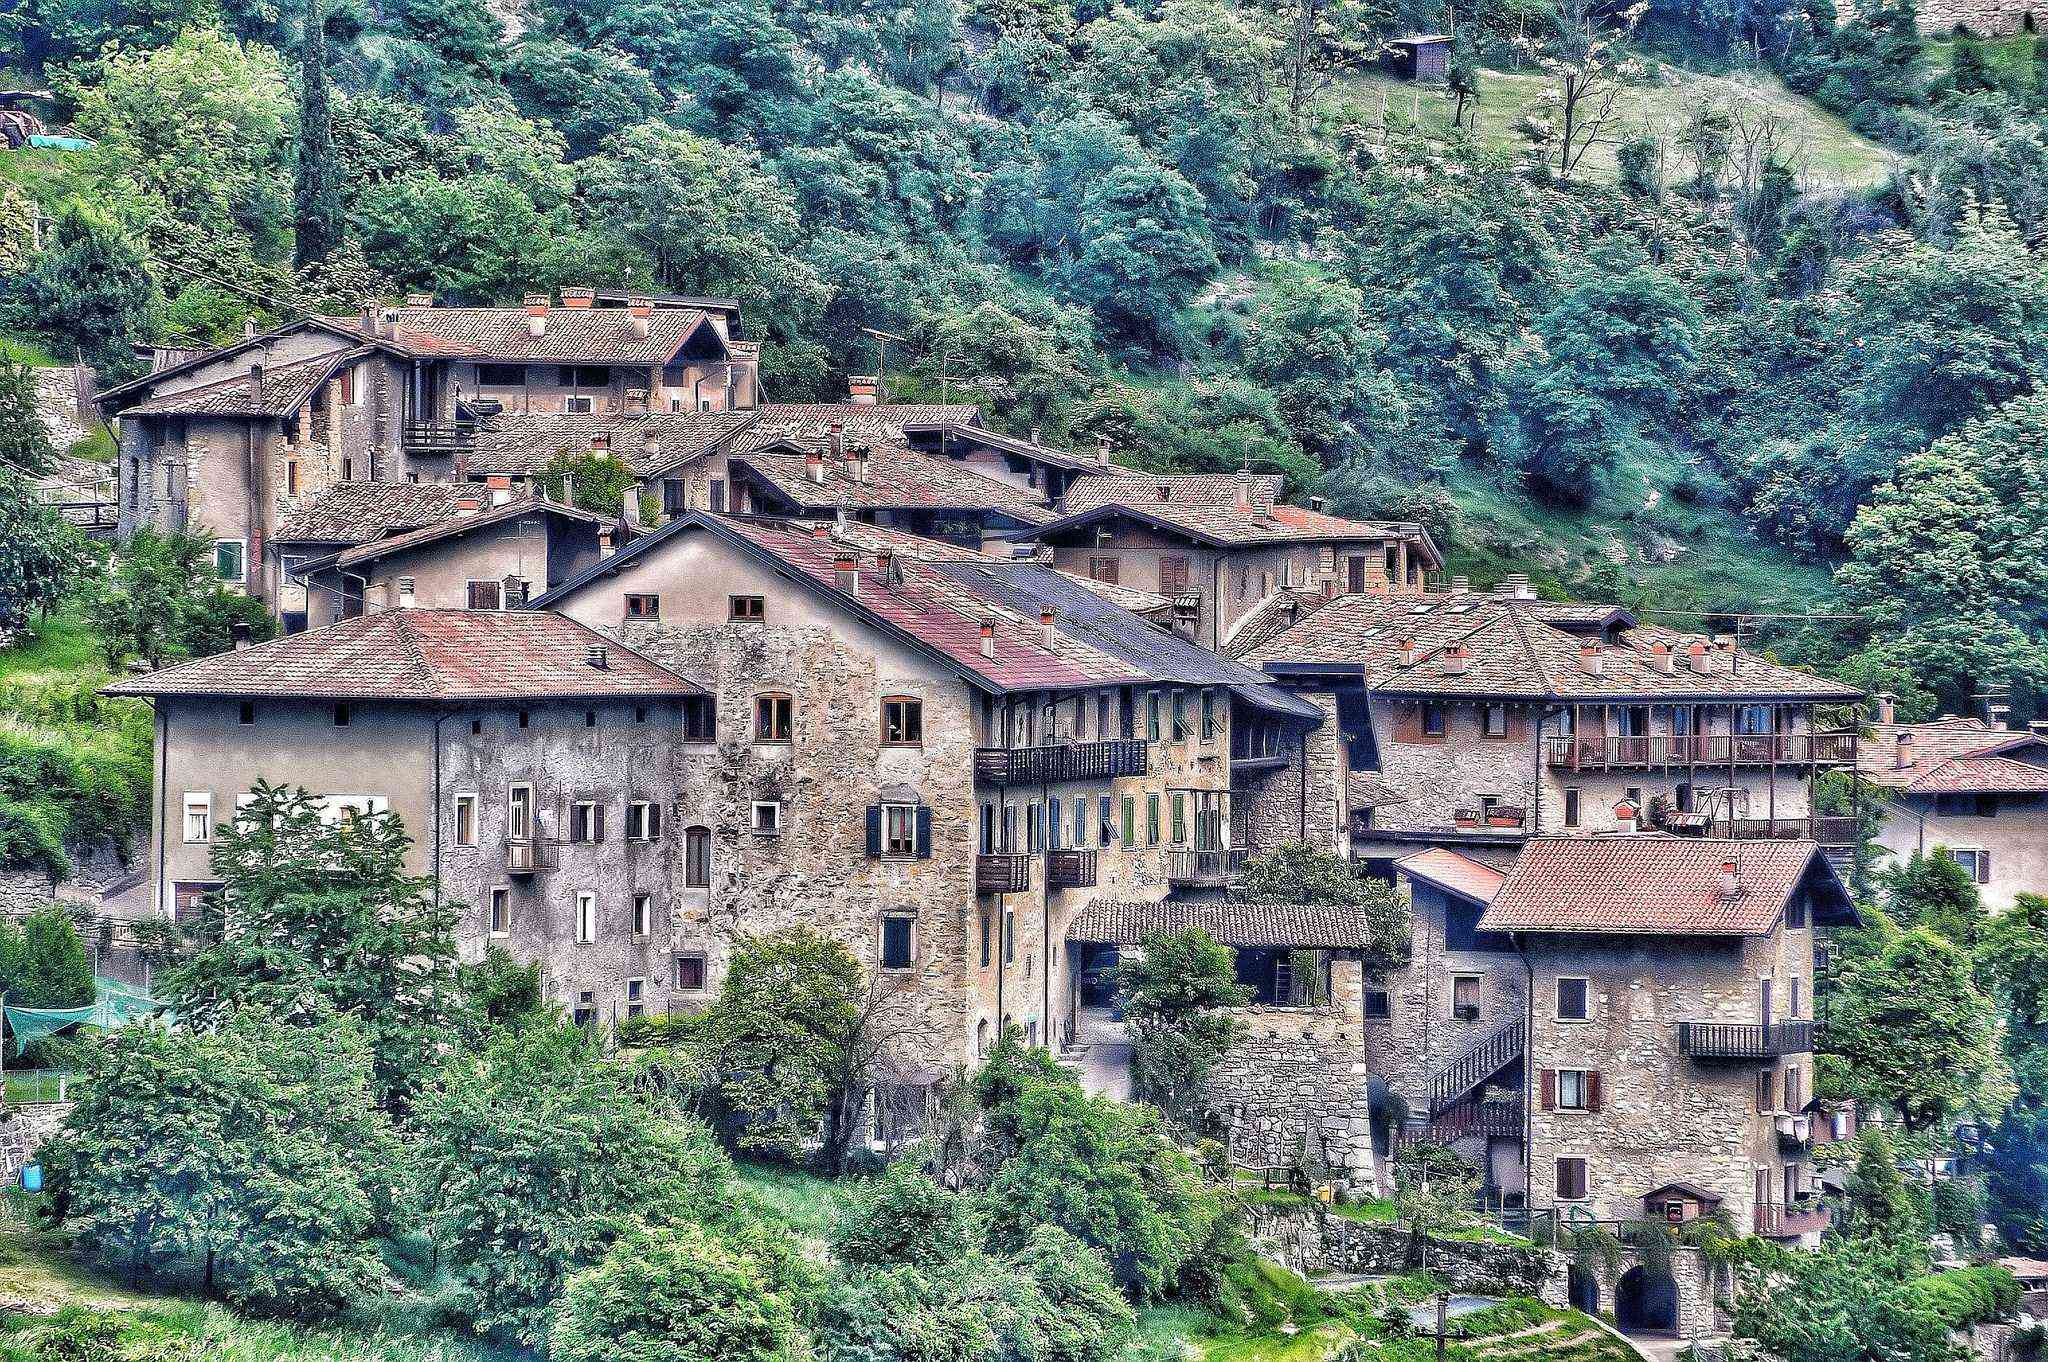 Canale di Tenno borgo medivale Garda borghi piu belli italia włochy trentino Canale Tenno Varone